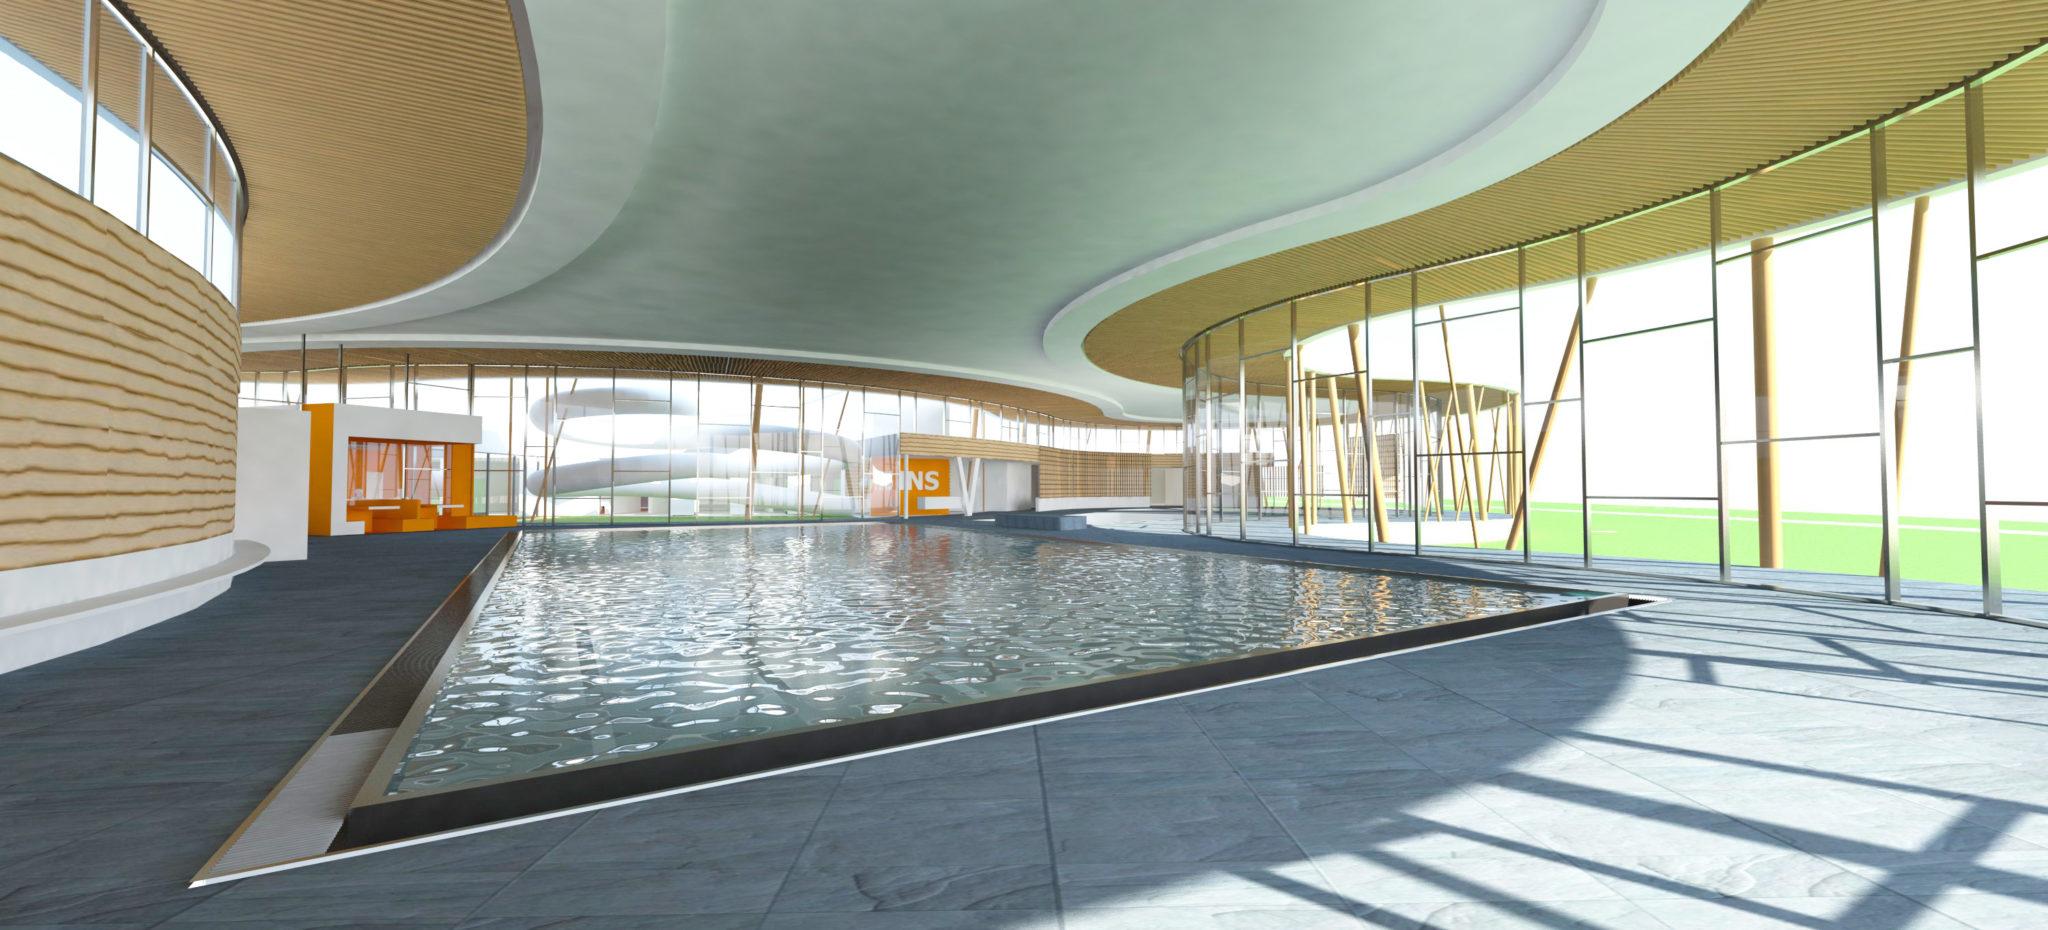 horaires d 39 ouverture aqua bulles centre aquatique